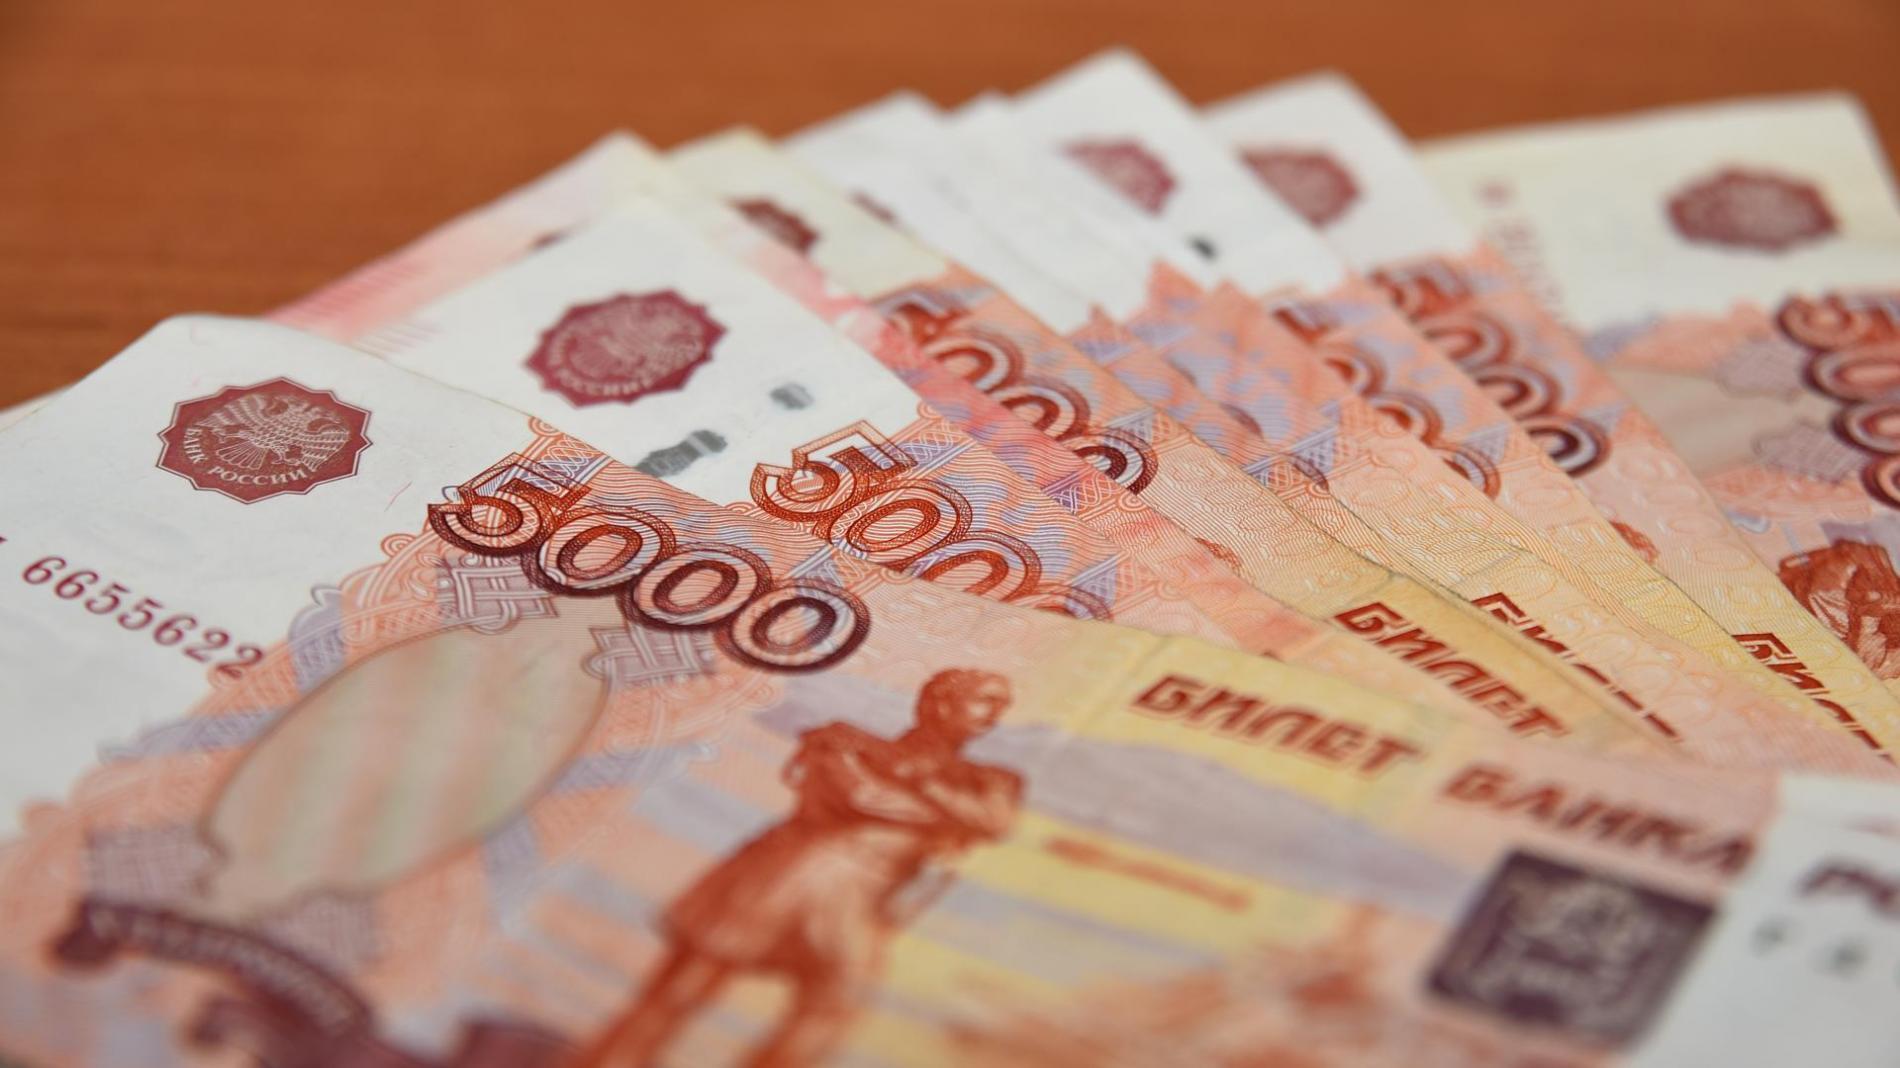 Больше 4 млн рублей скрыло руководство прачечной от налоговой